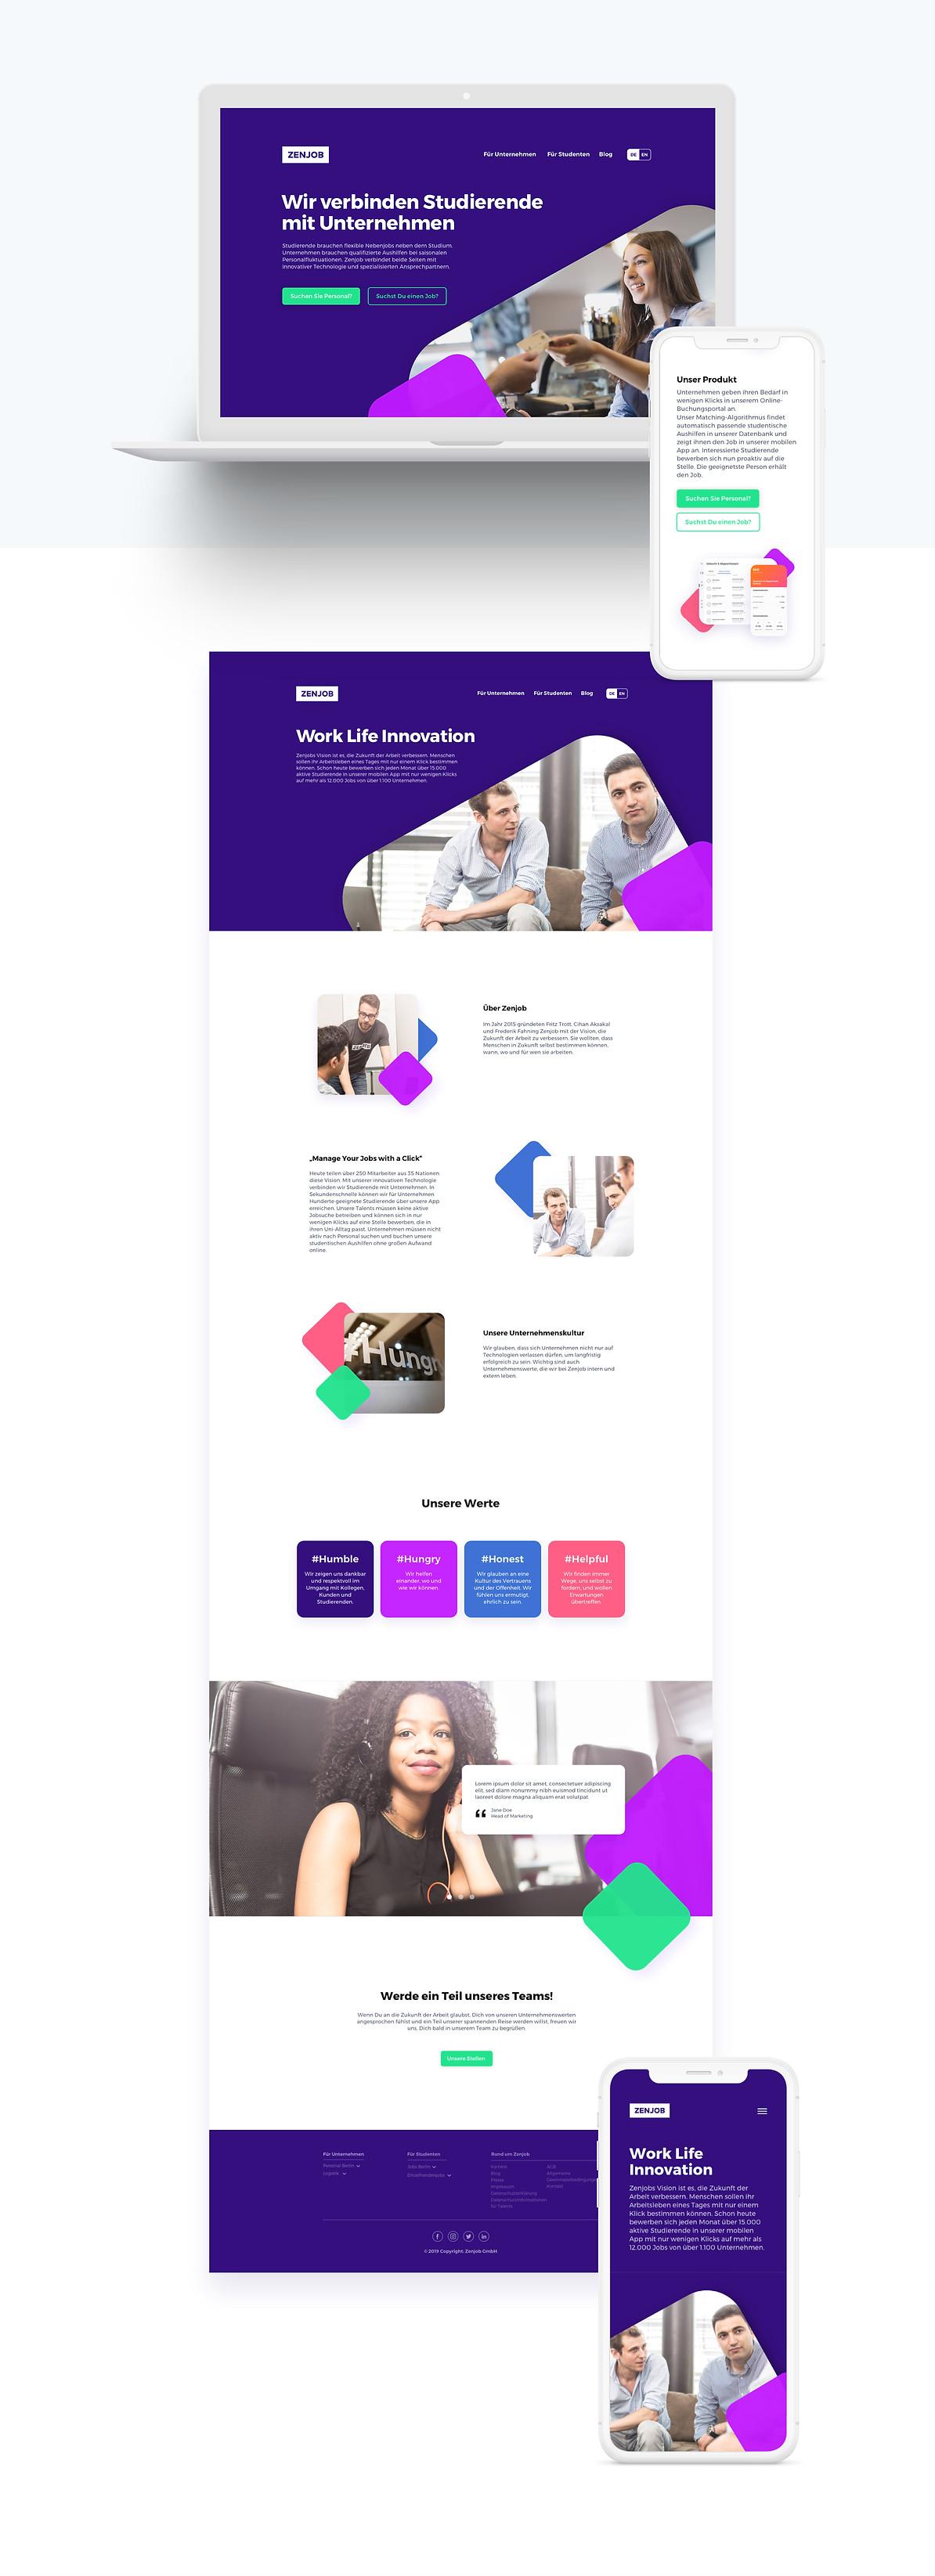 zenjob_Website_Design_UX_UI-1.jpg